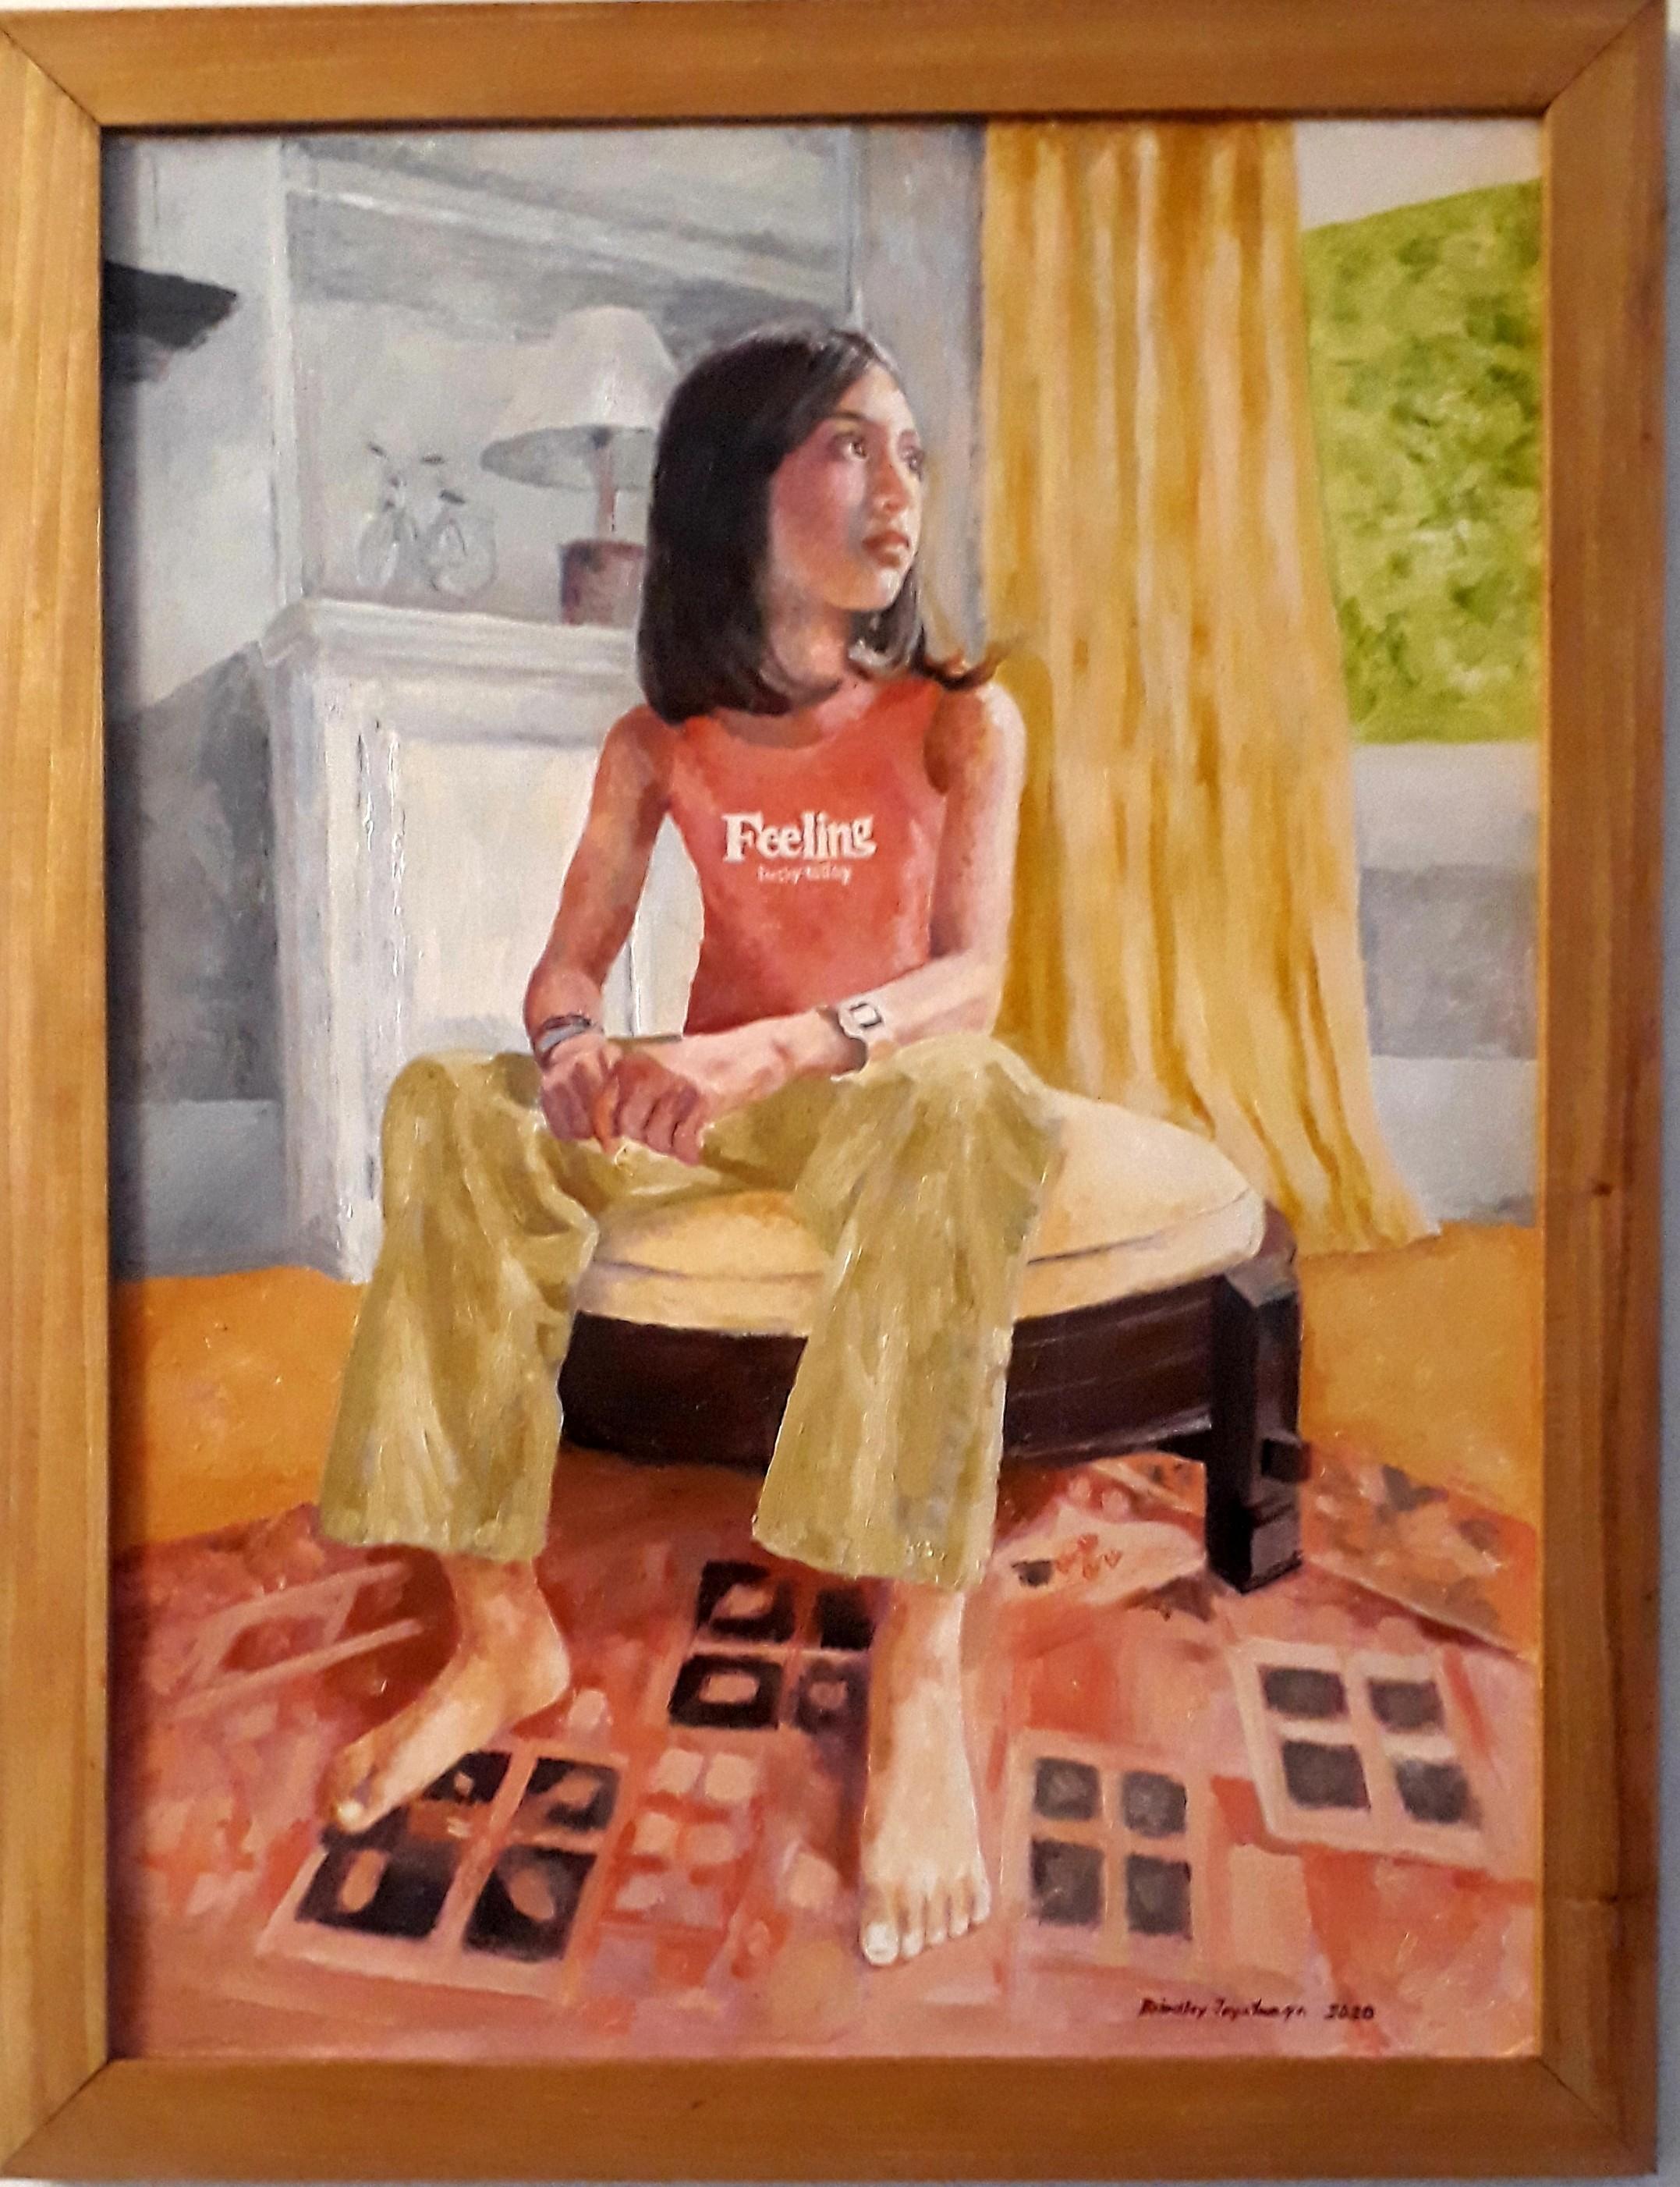 Sasha by Brindley Jayatunga